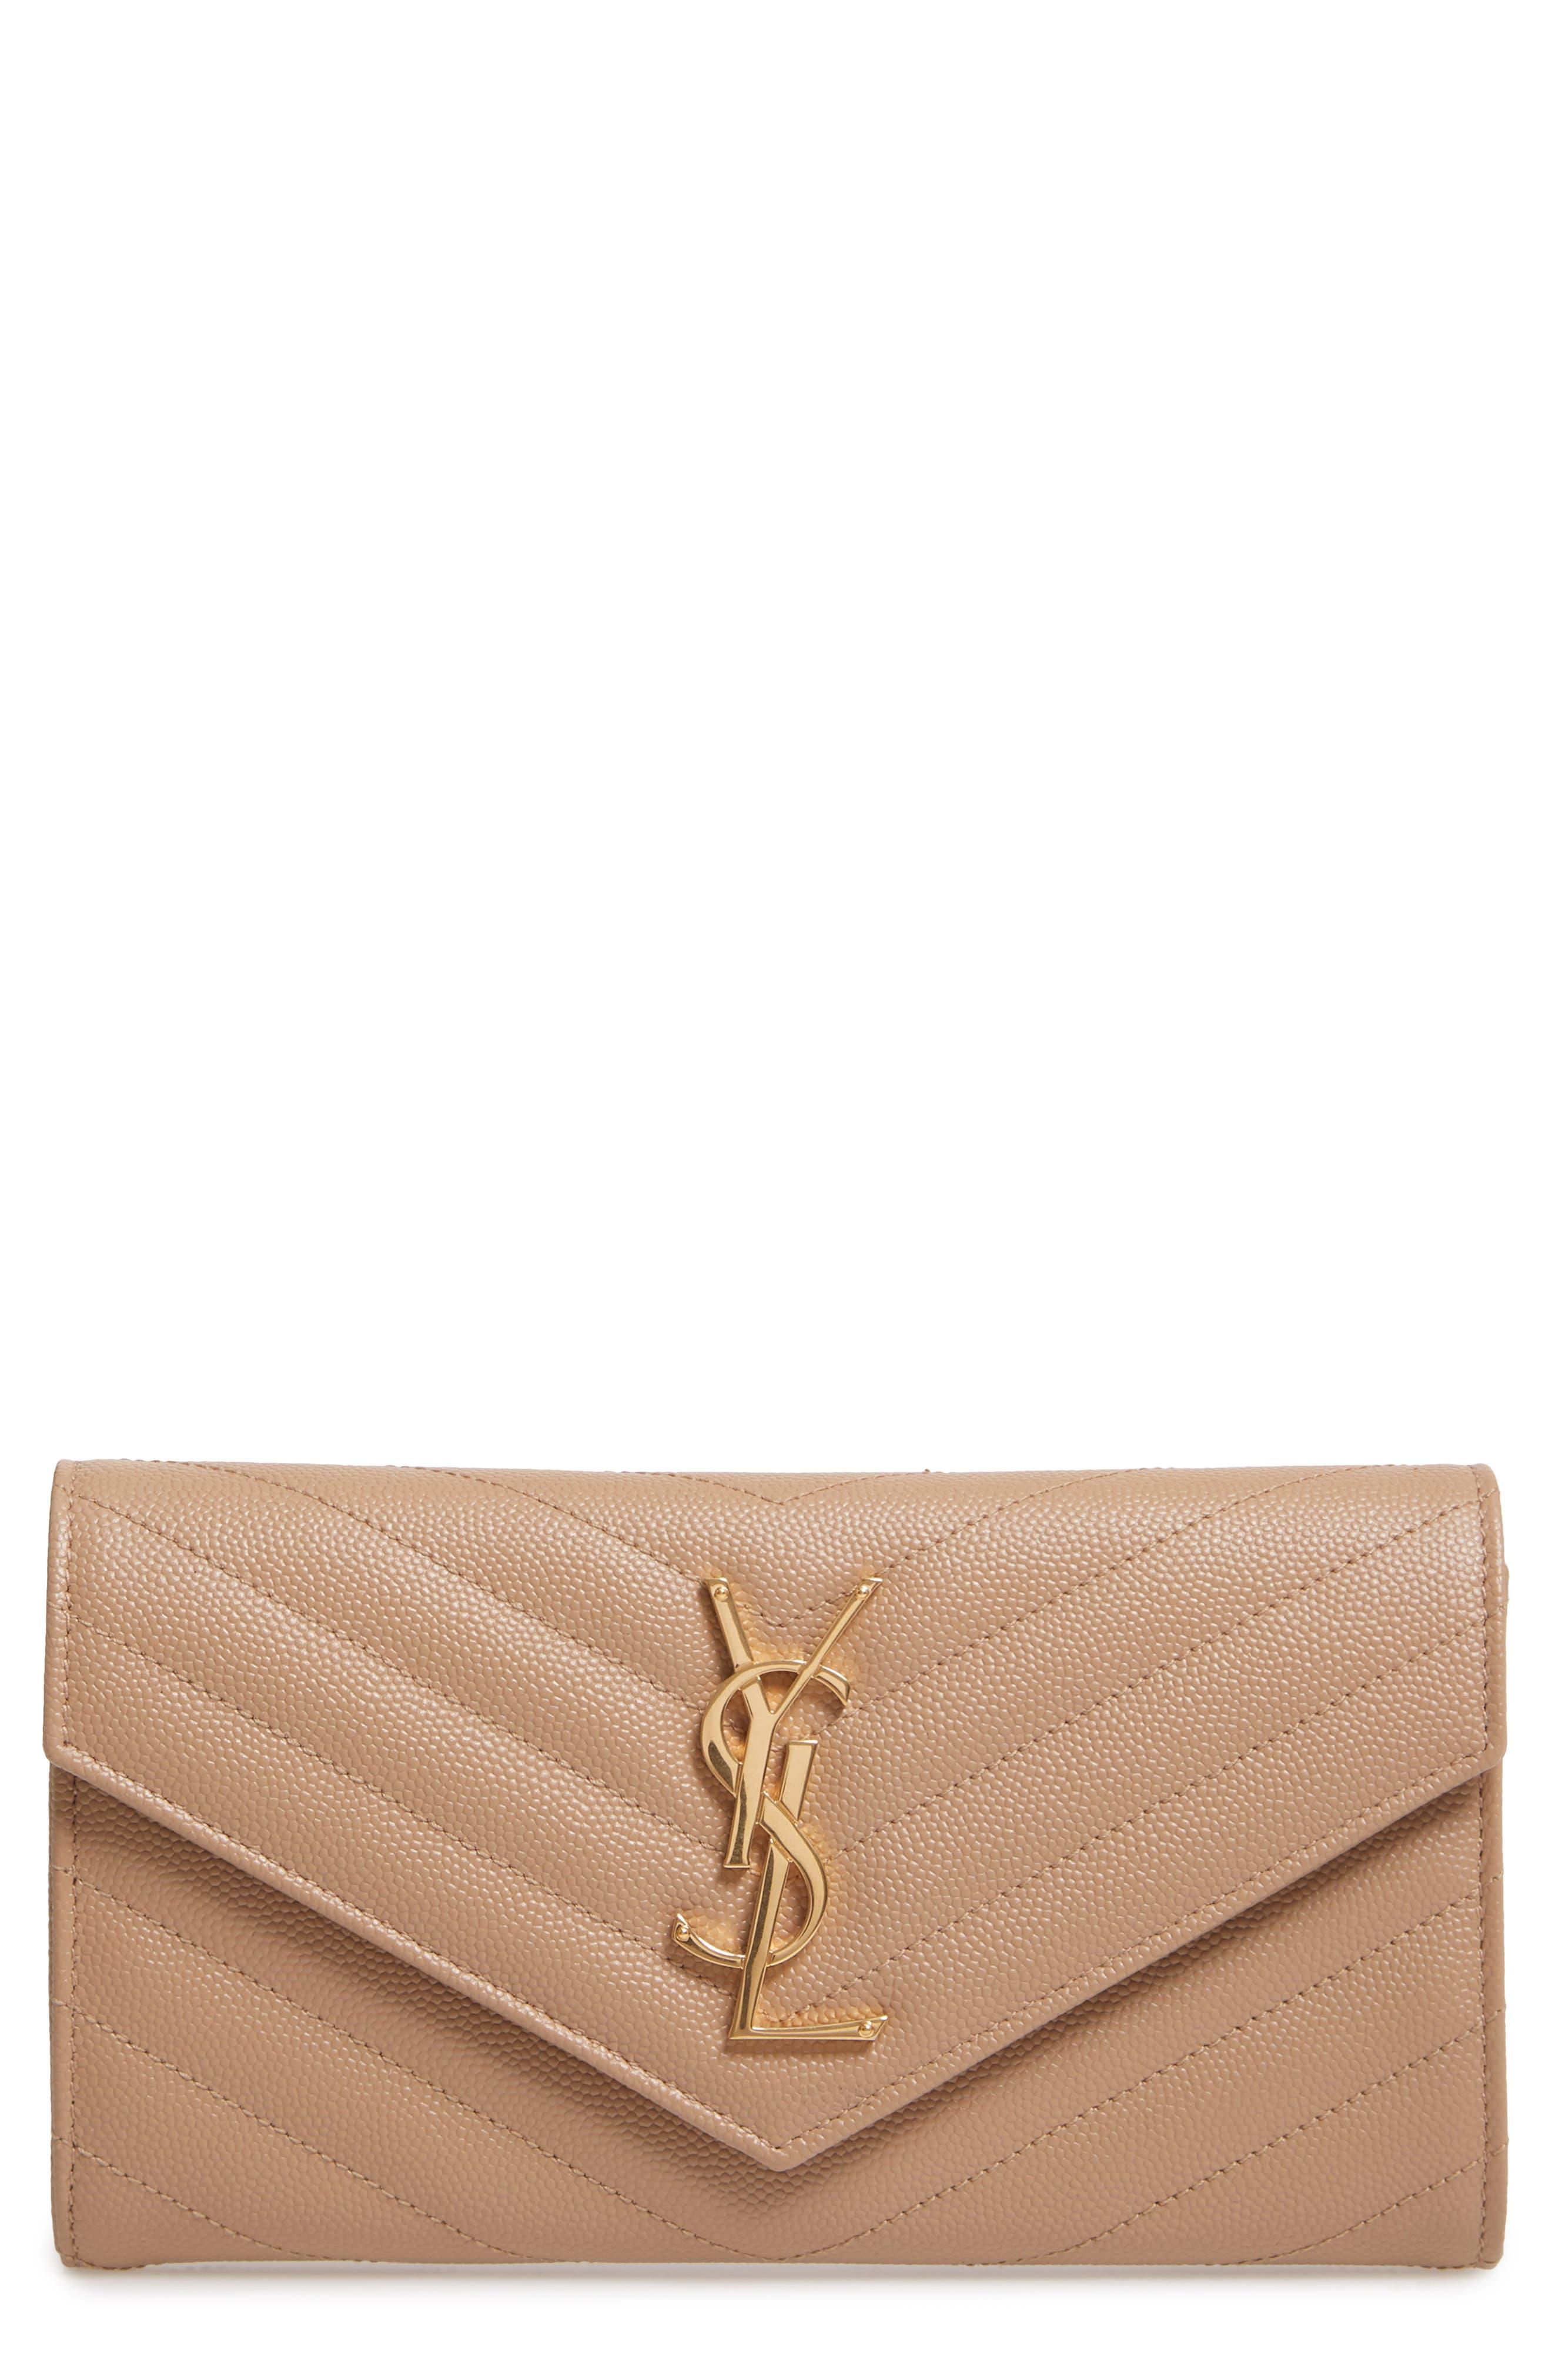 SAINT LAURENT Monogram Logo Leather Flap Wallet, Main, color, CHENE